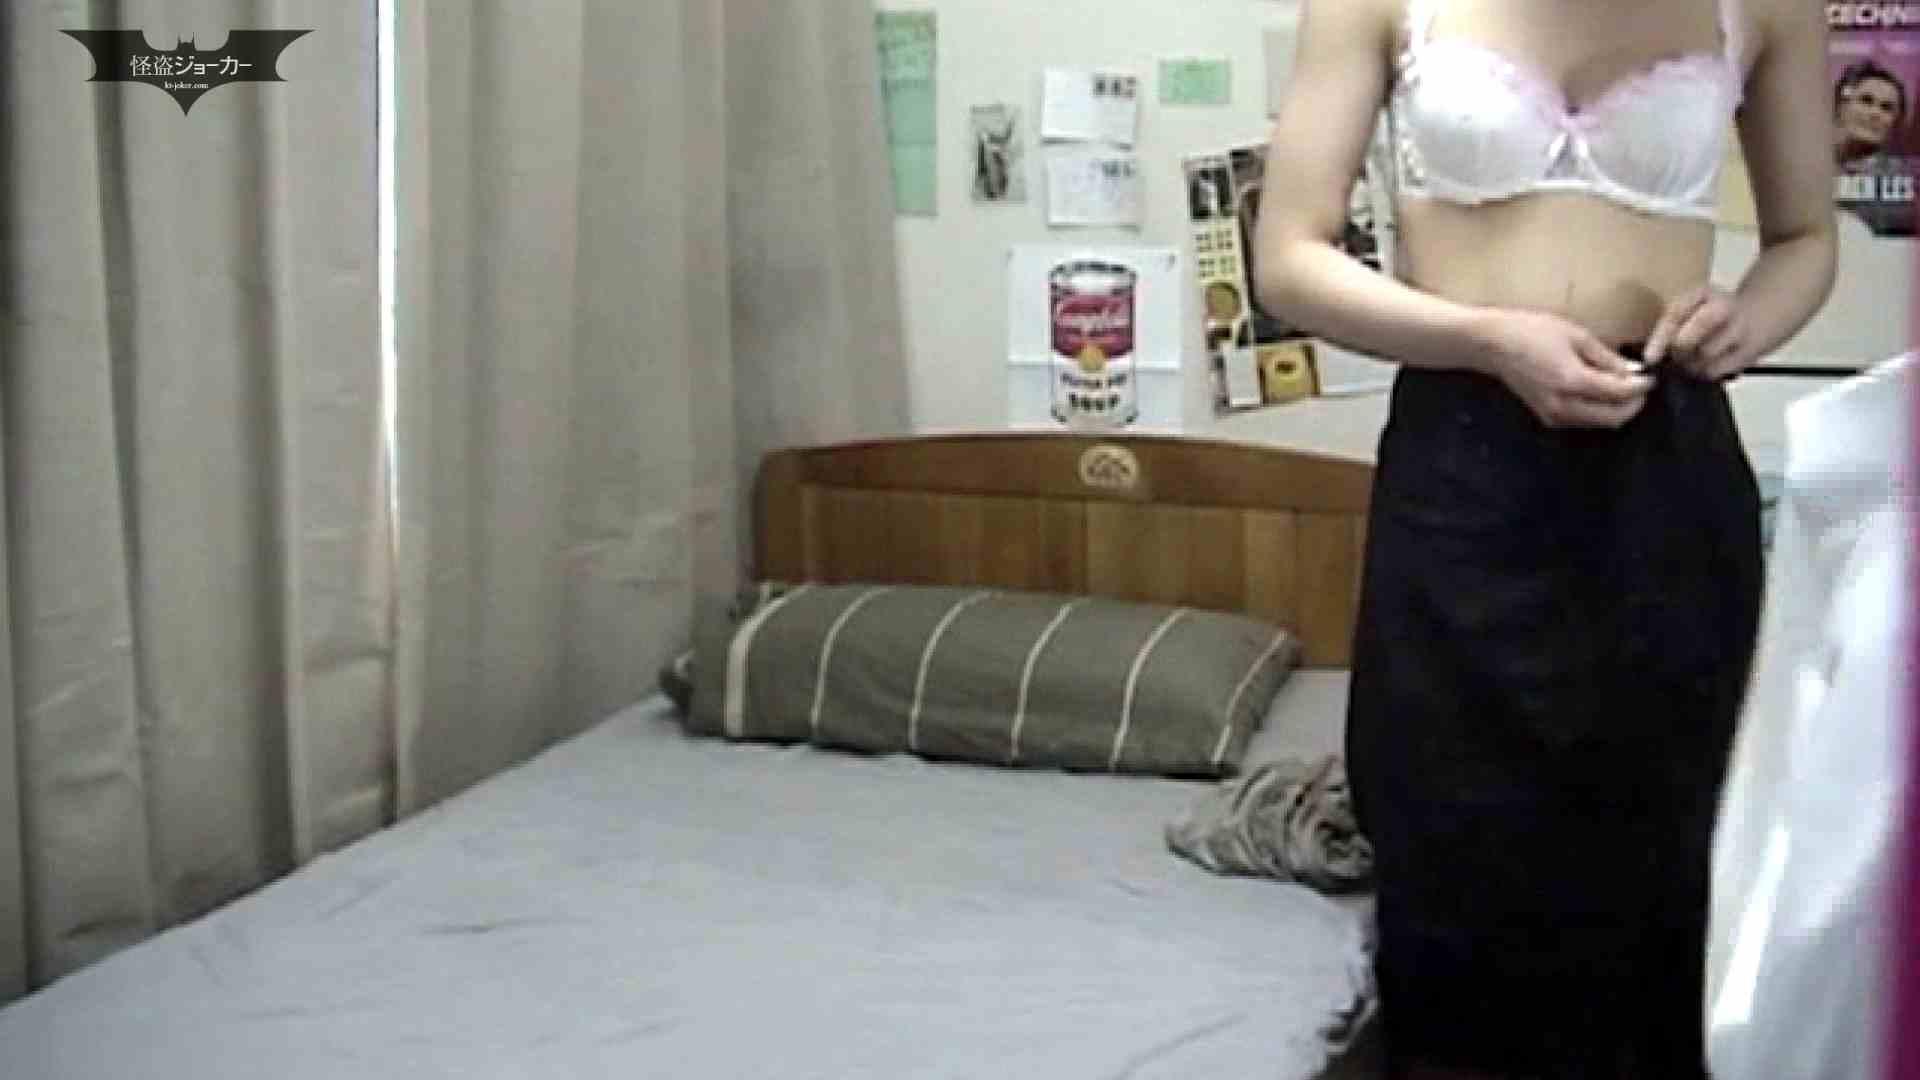 素人女良を部屋に連れ込み隠し撮りSEX!! その⑩ 体操教室の先生 しおり 素人流出 | リアルSEX  51PIX 11